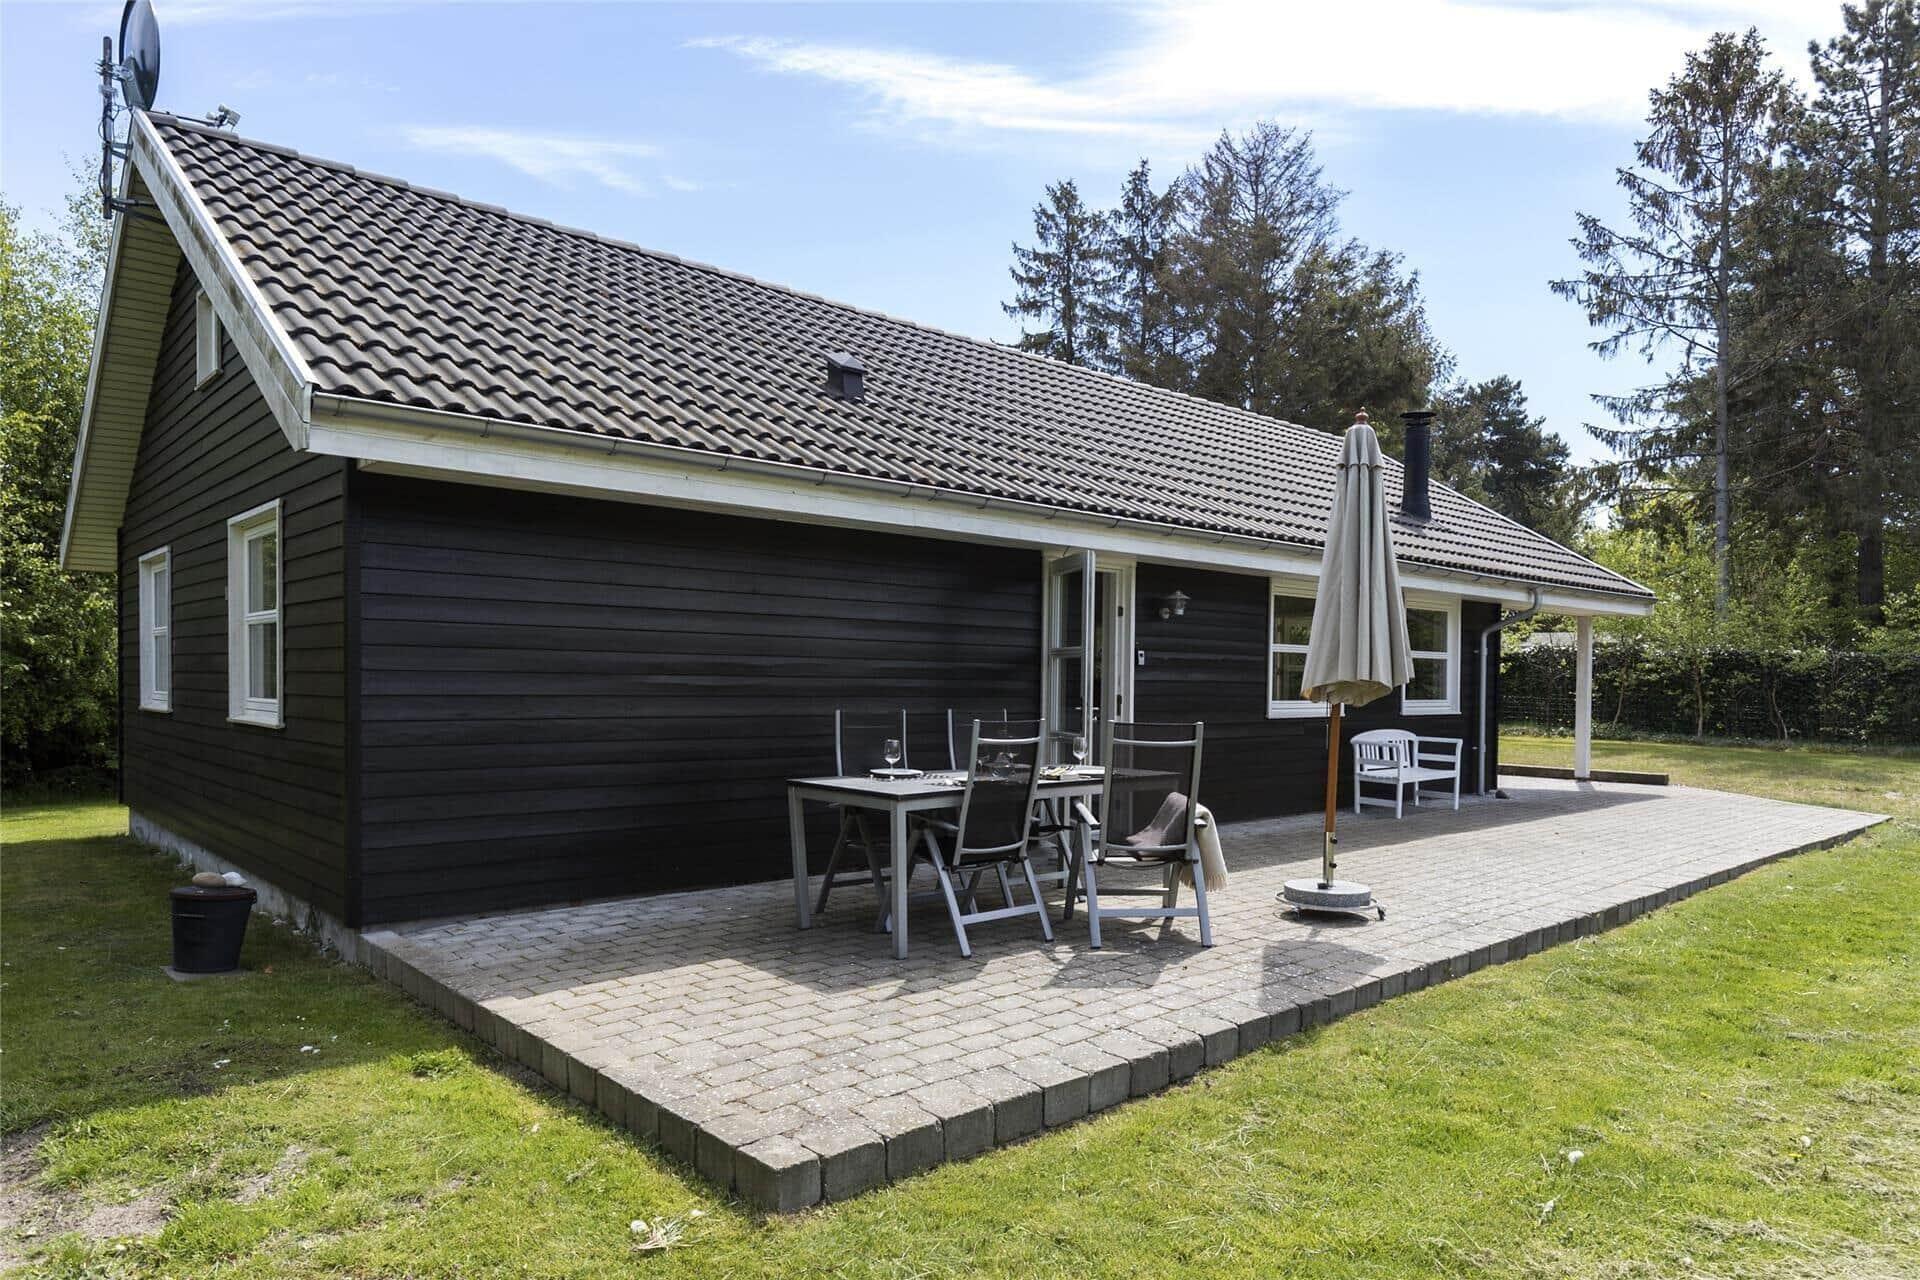 Billede 1-17 Sommerhus 11170, Ved Skoven 19, DK - 4500 Nykøbing Sj